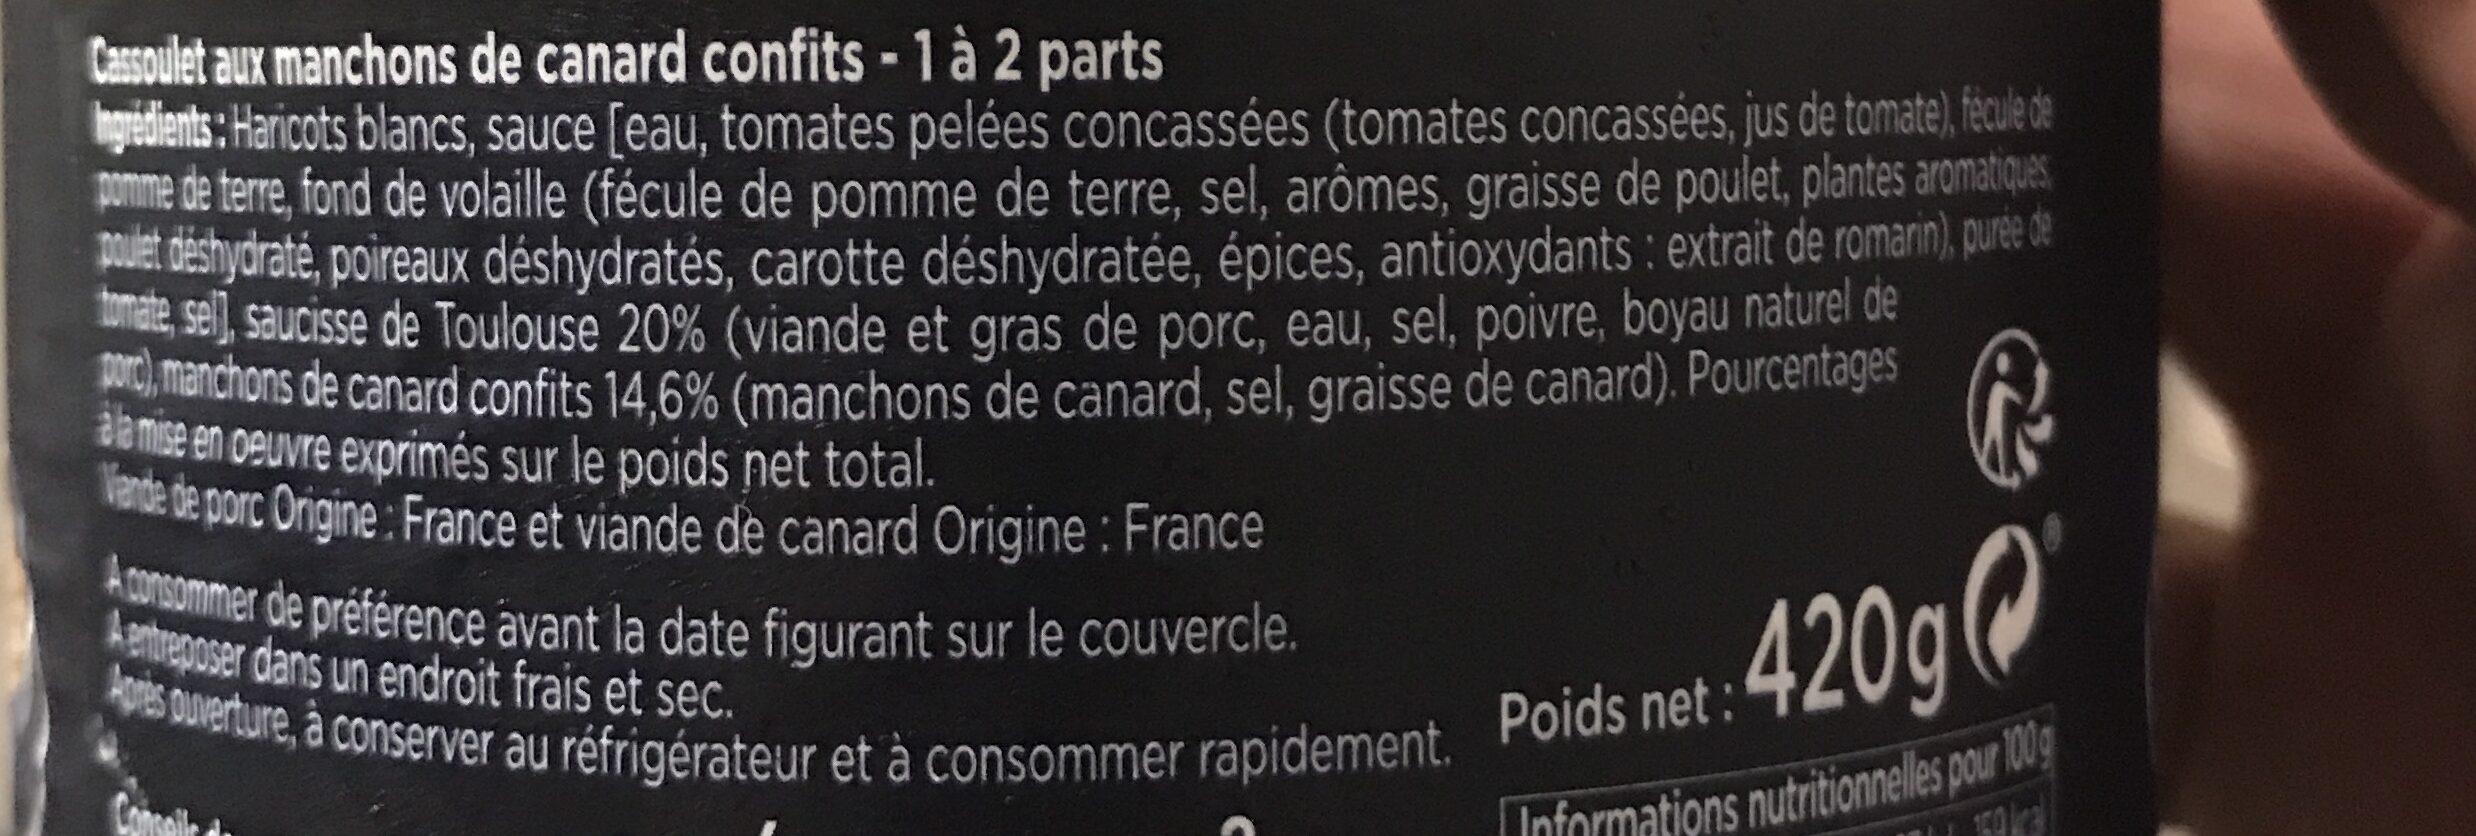 Le Cassoulet Gourmand au confit de canard - Ingrédients - fr